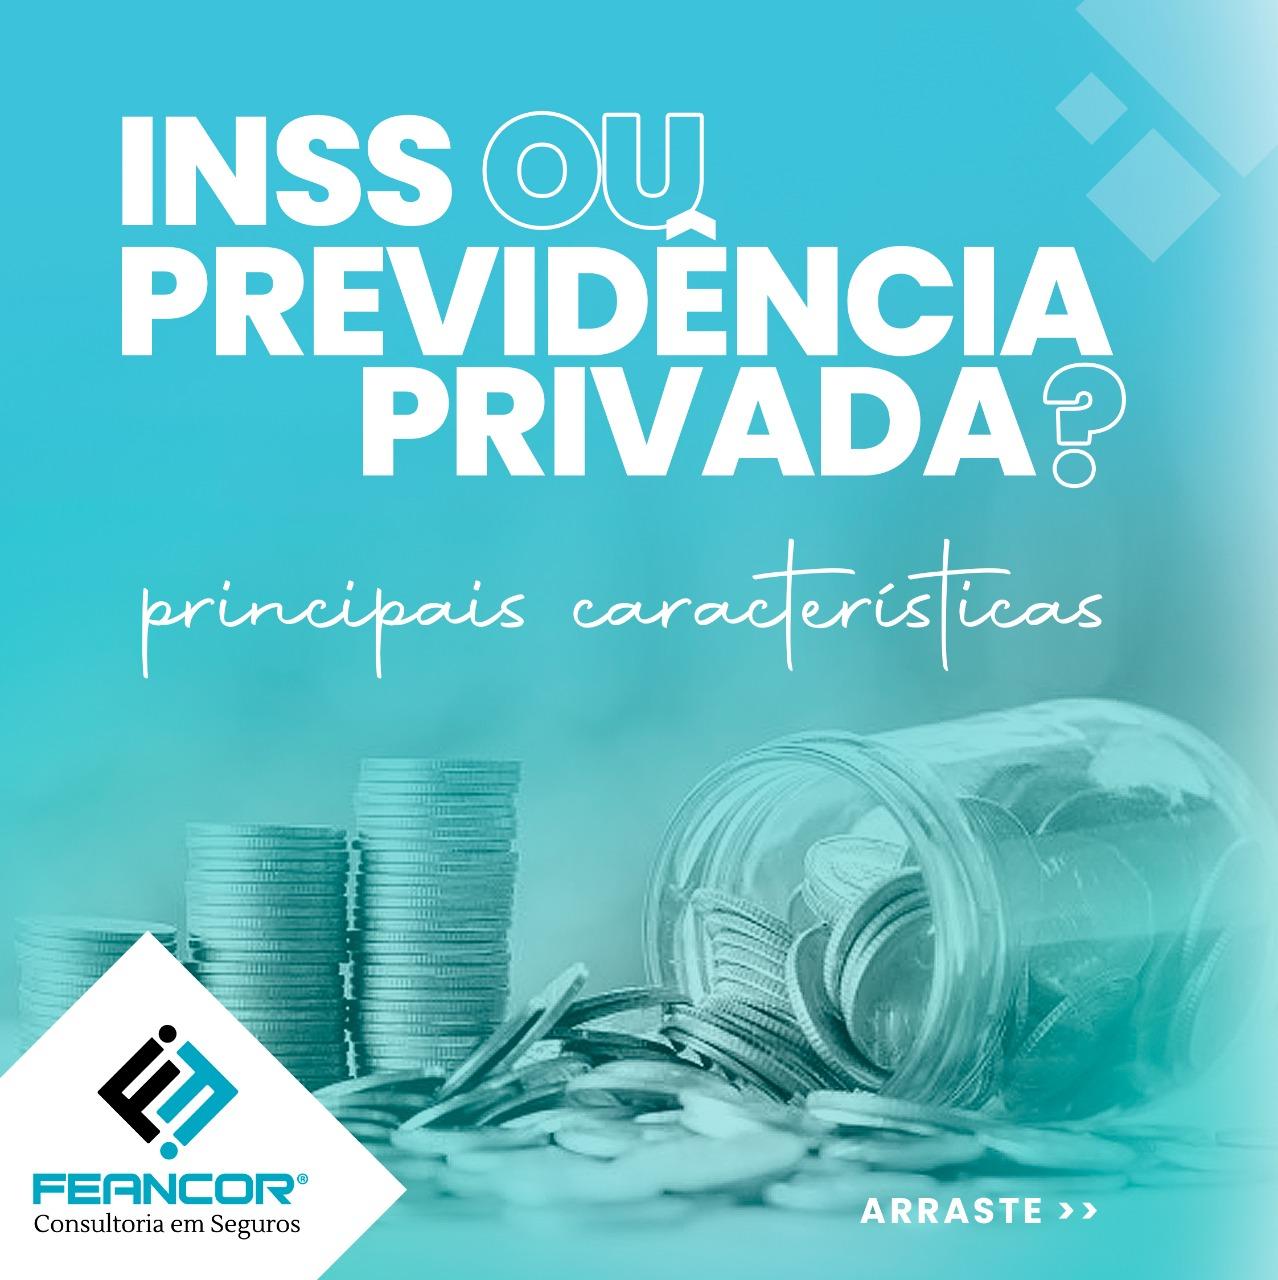 Previdência privada ou INSS: quais são as principais características